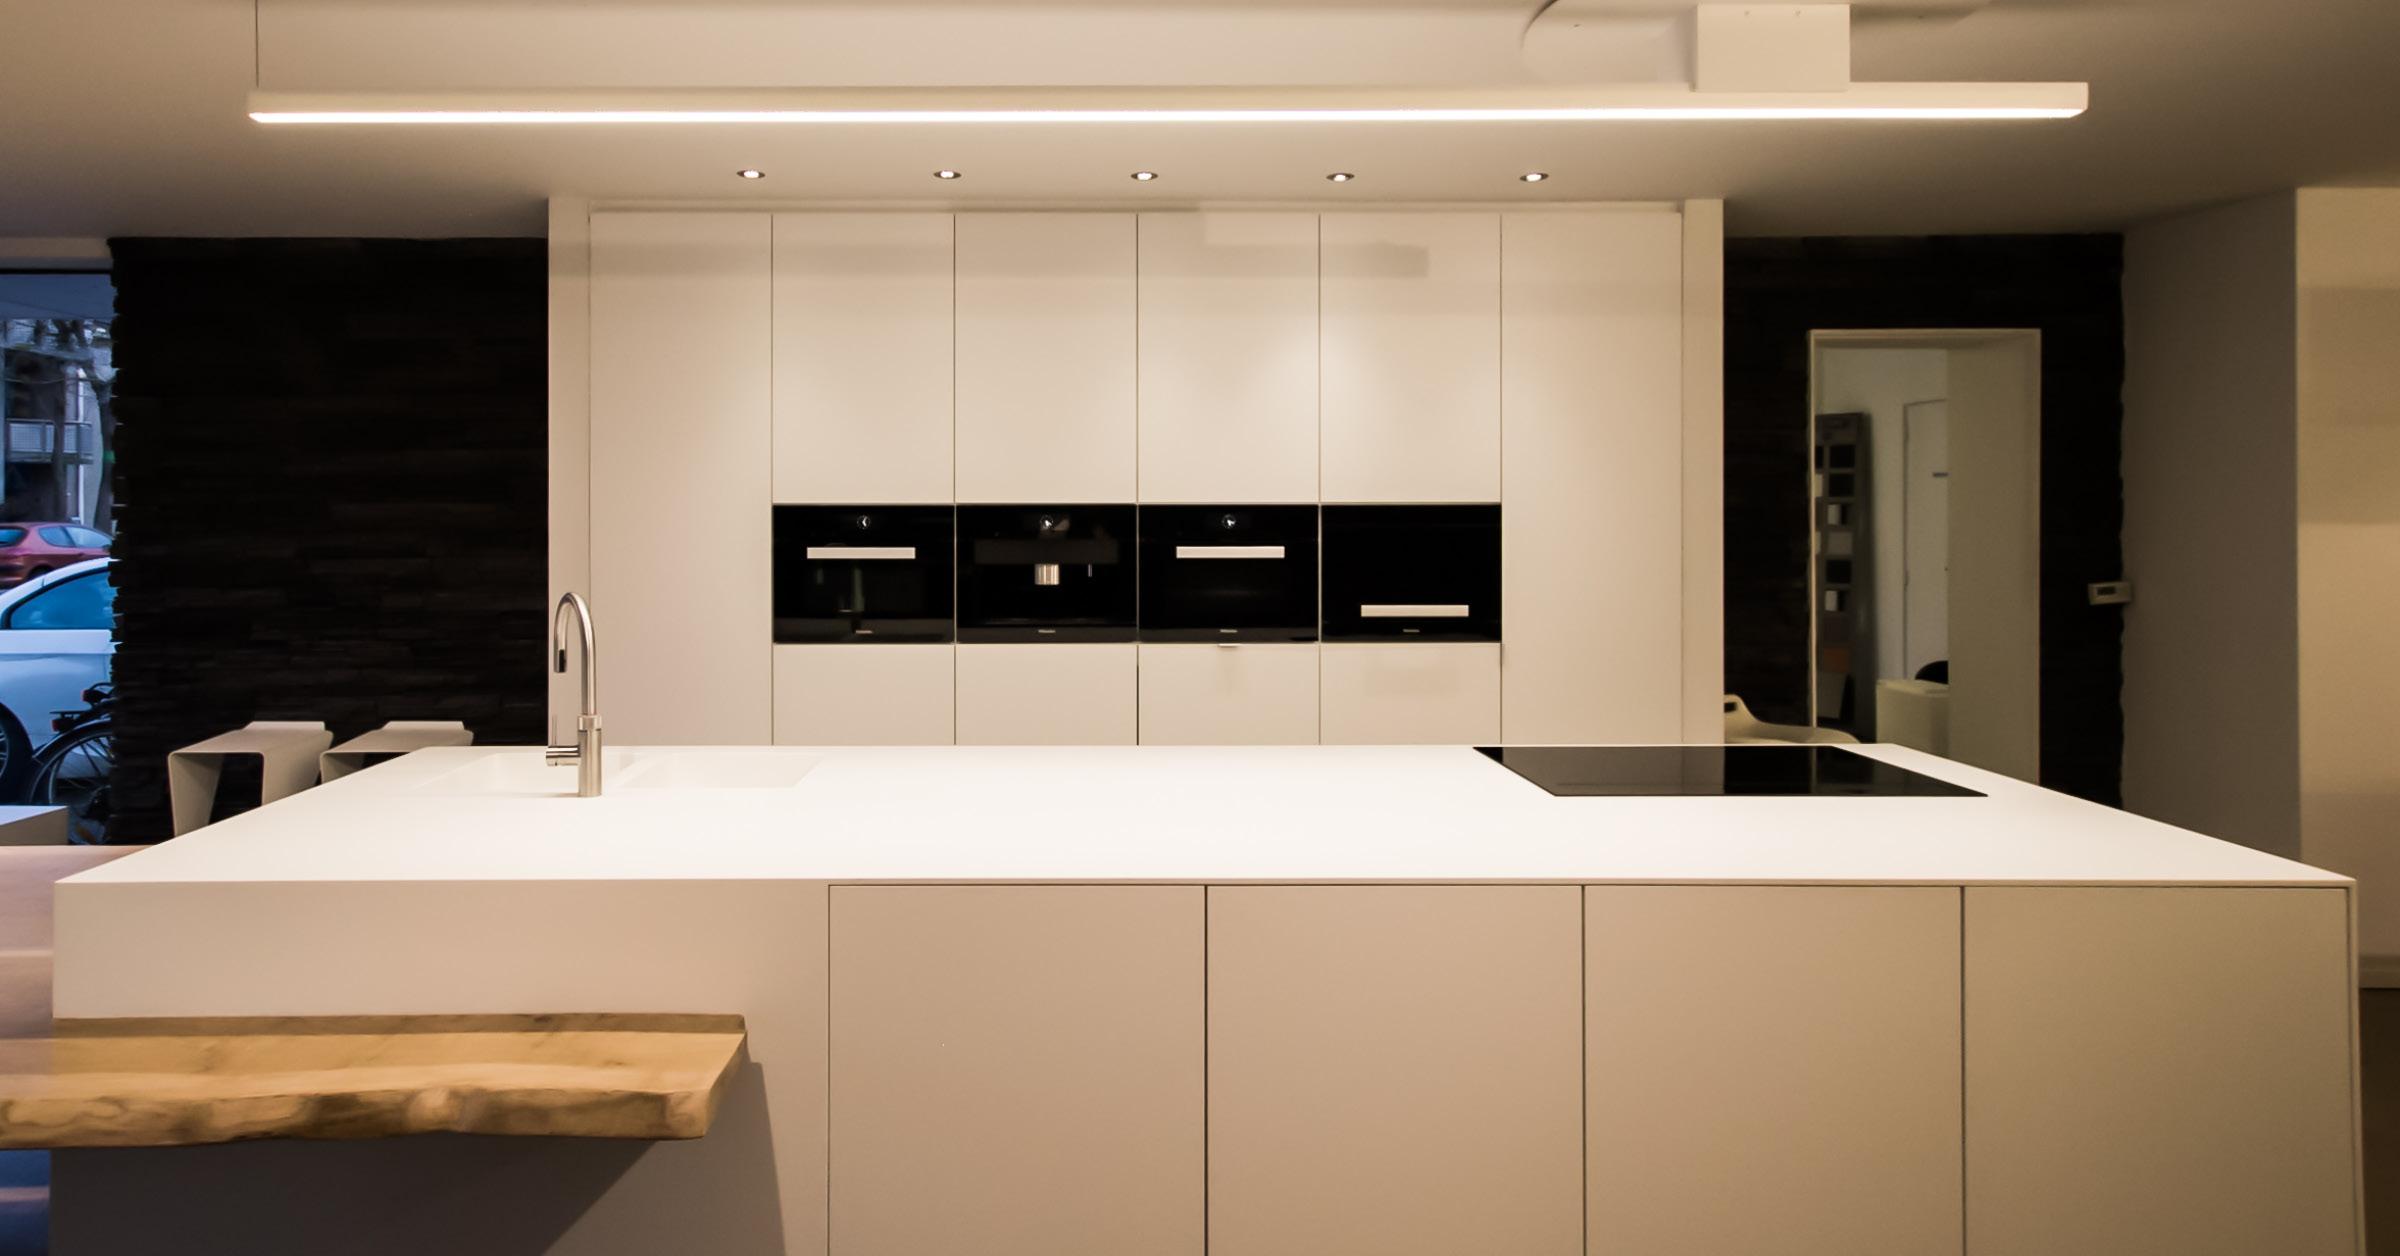 De ideale keukenverlichting